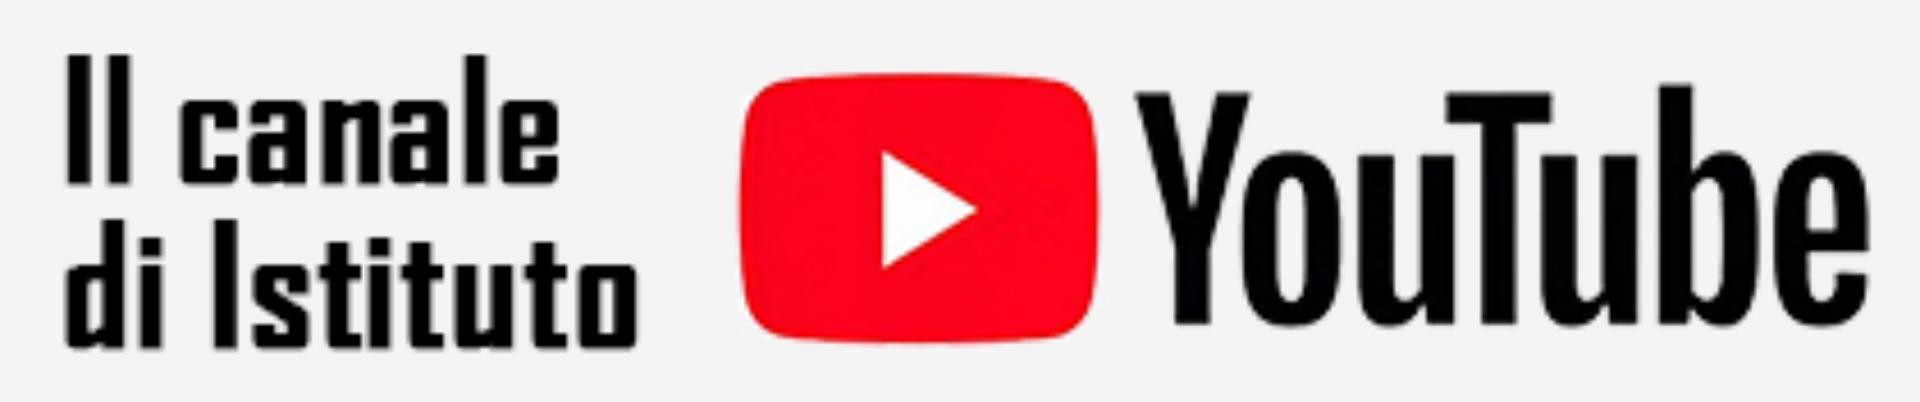 Il canale Youtube dell'Istituto